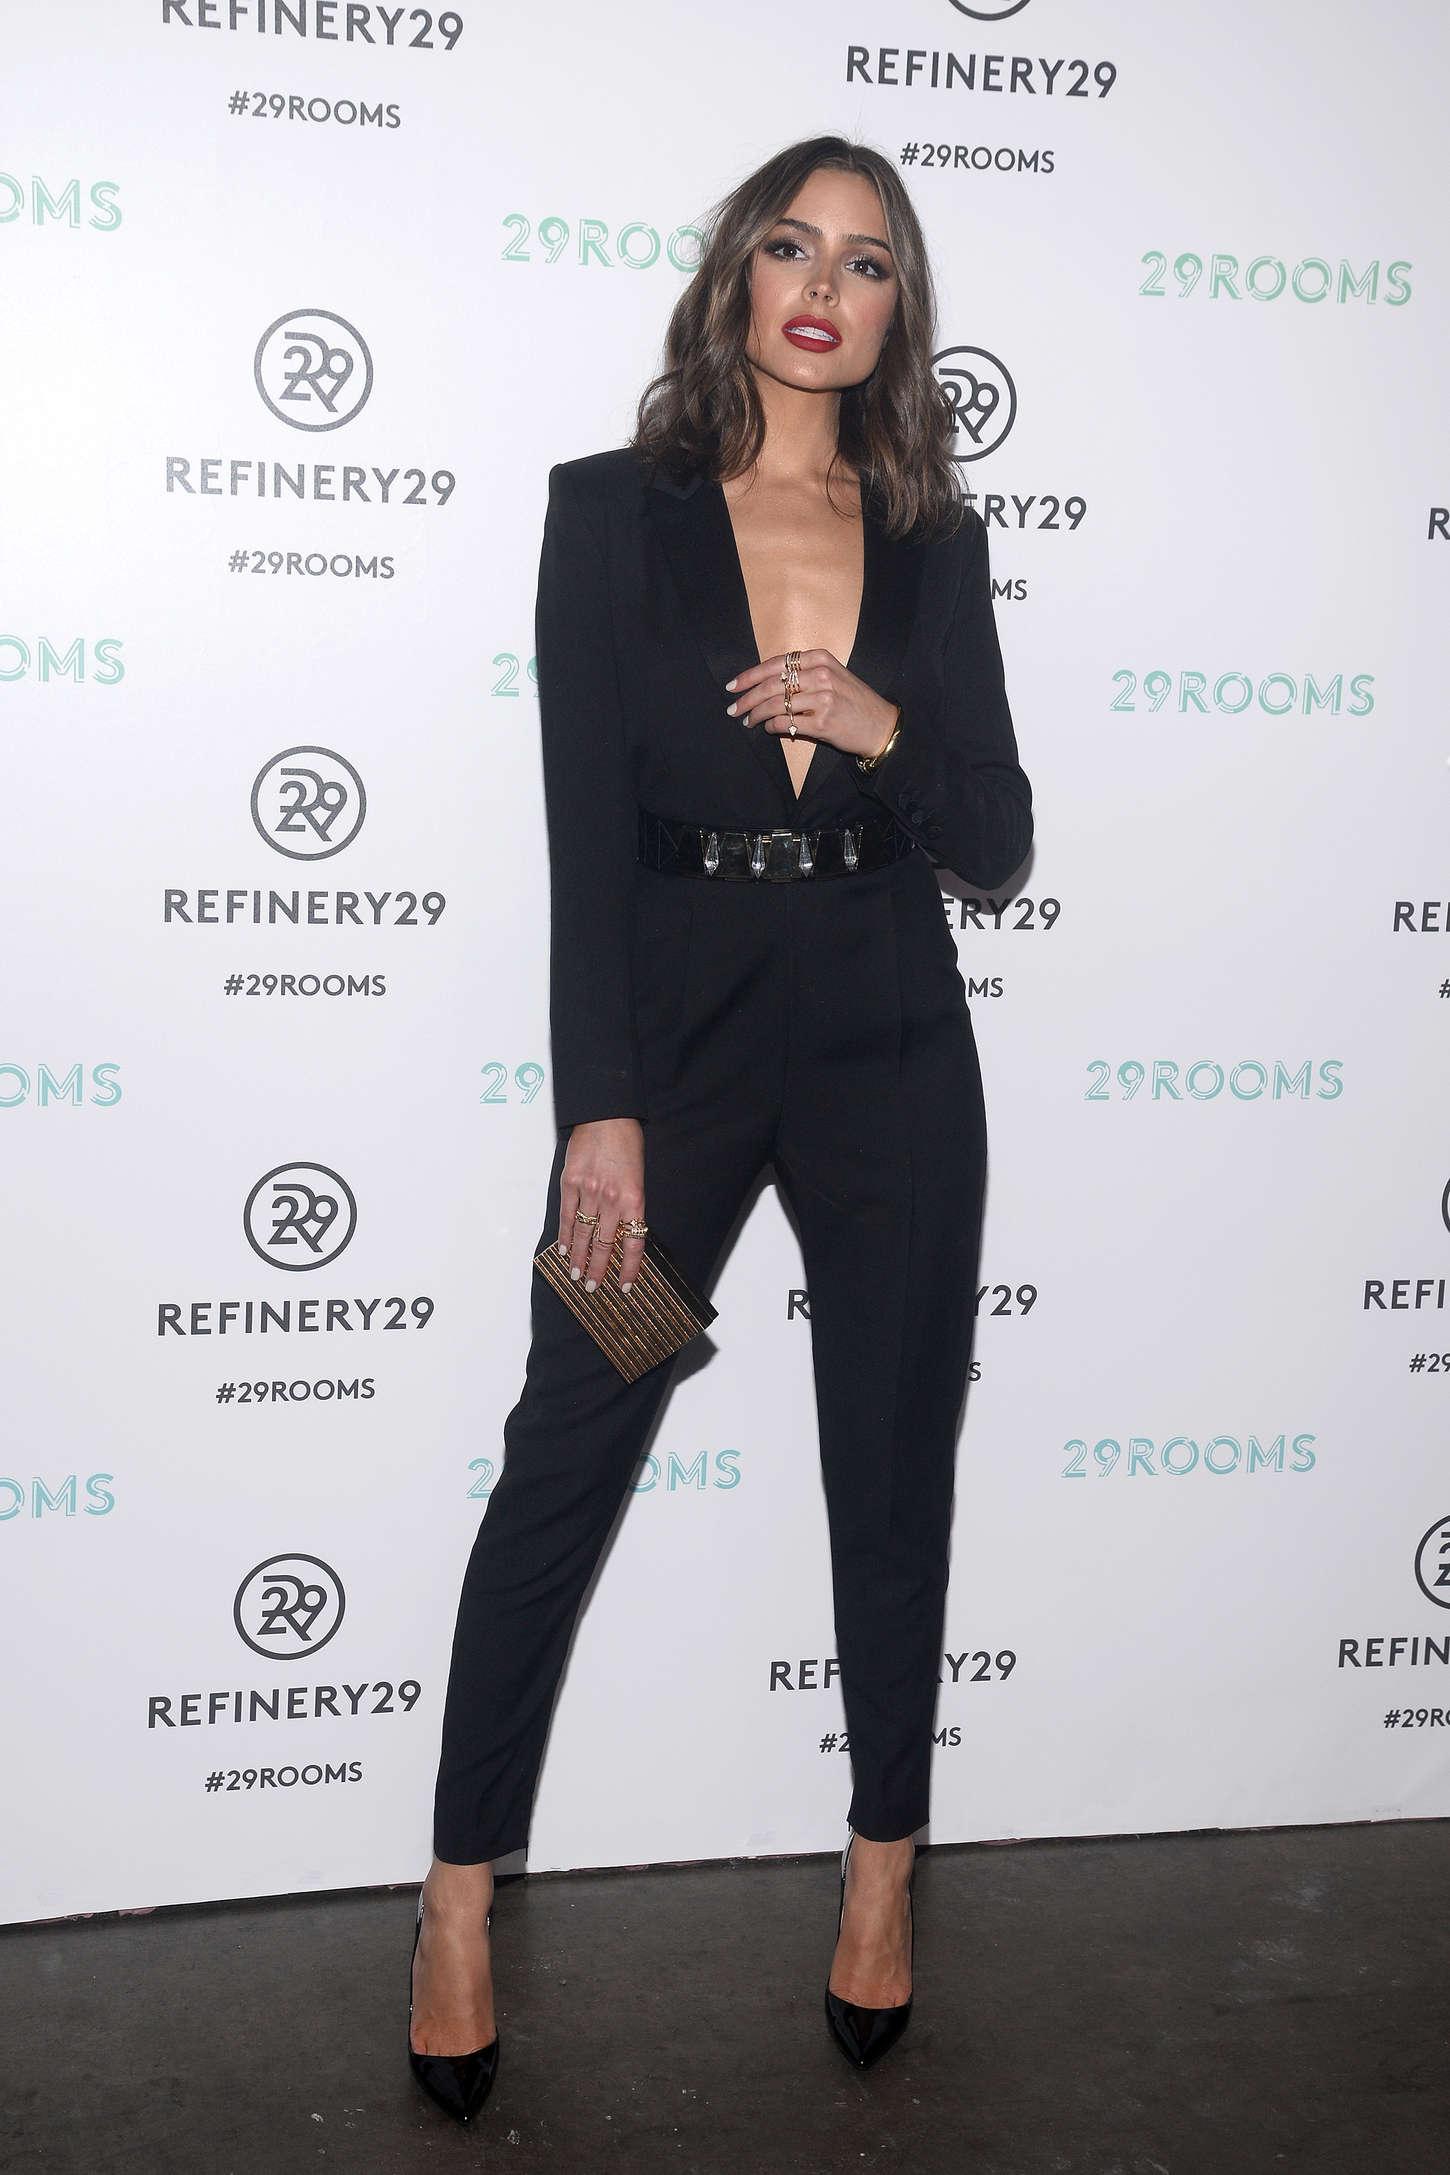 Olivia Culpo 2015 : Olivia Culpo: Refinery29 Presents 29Room -22